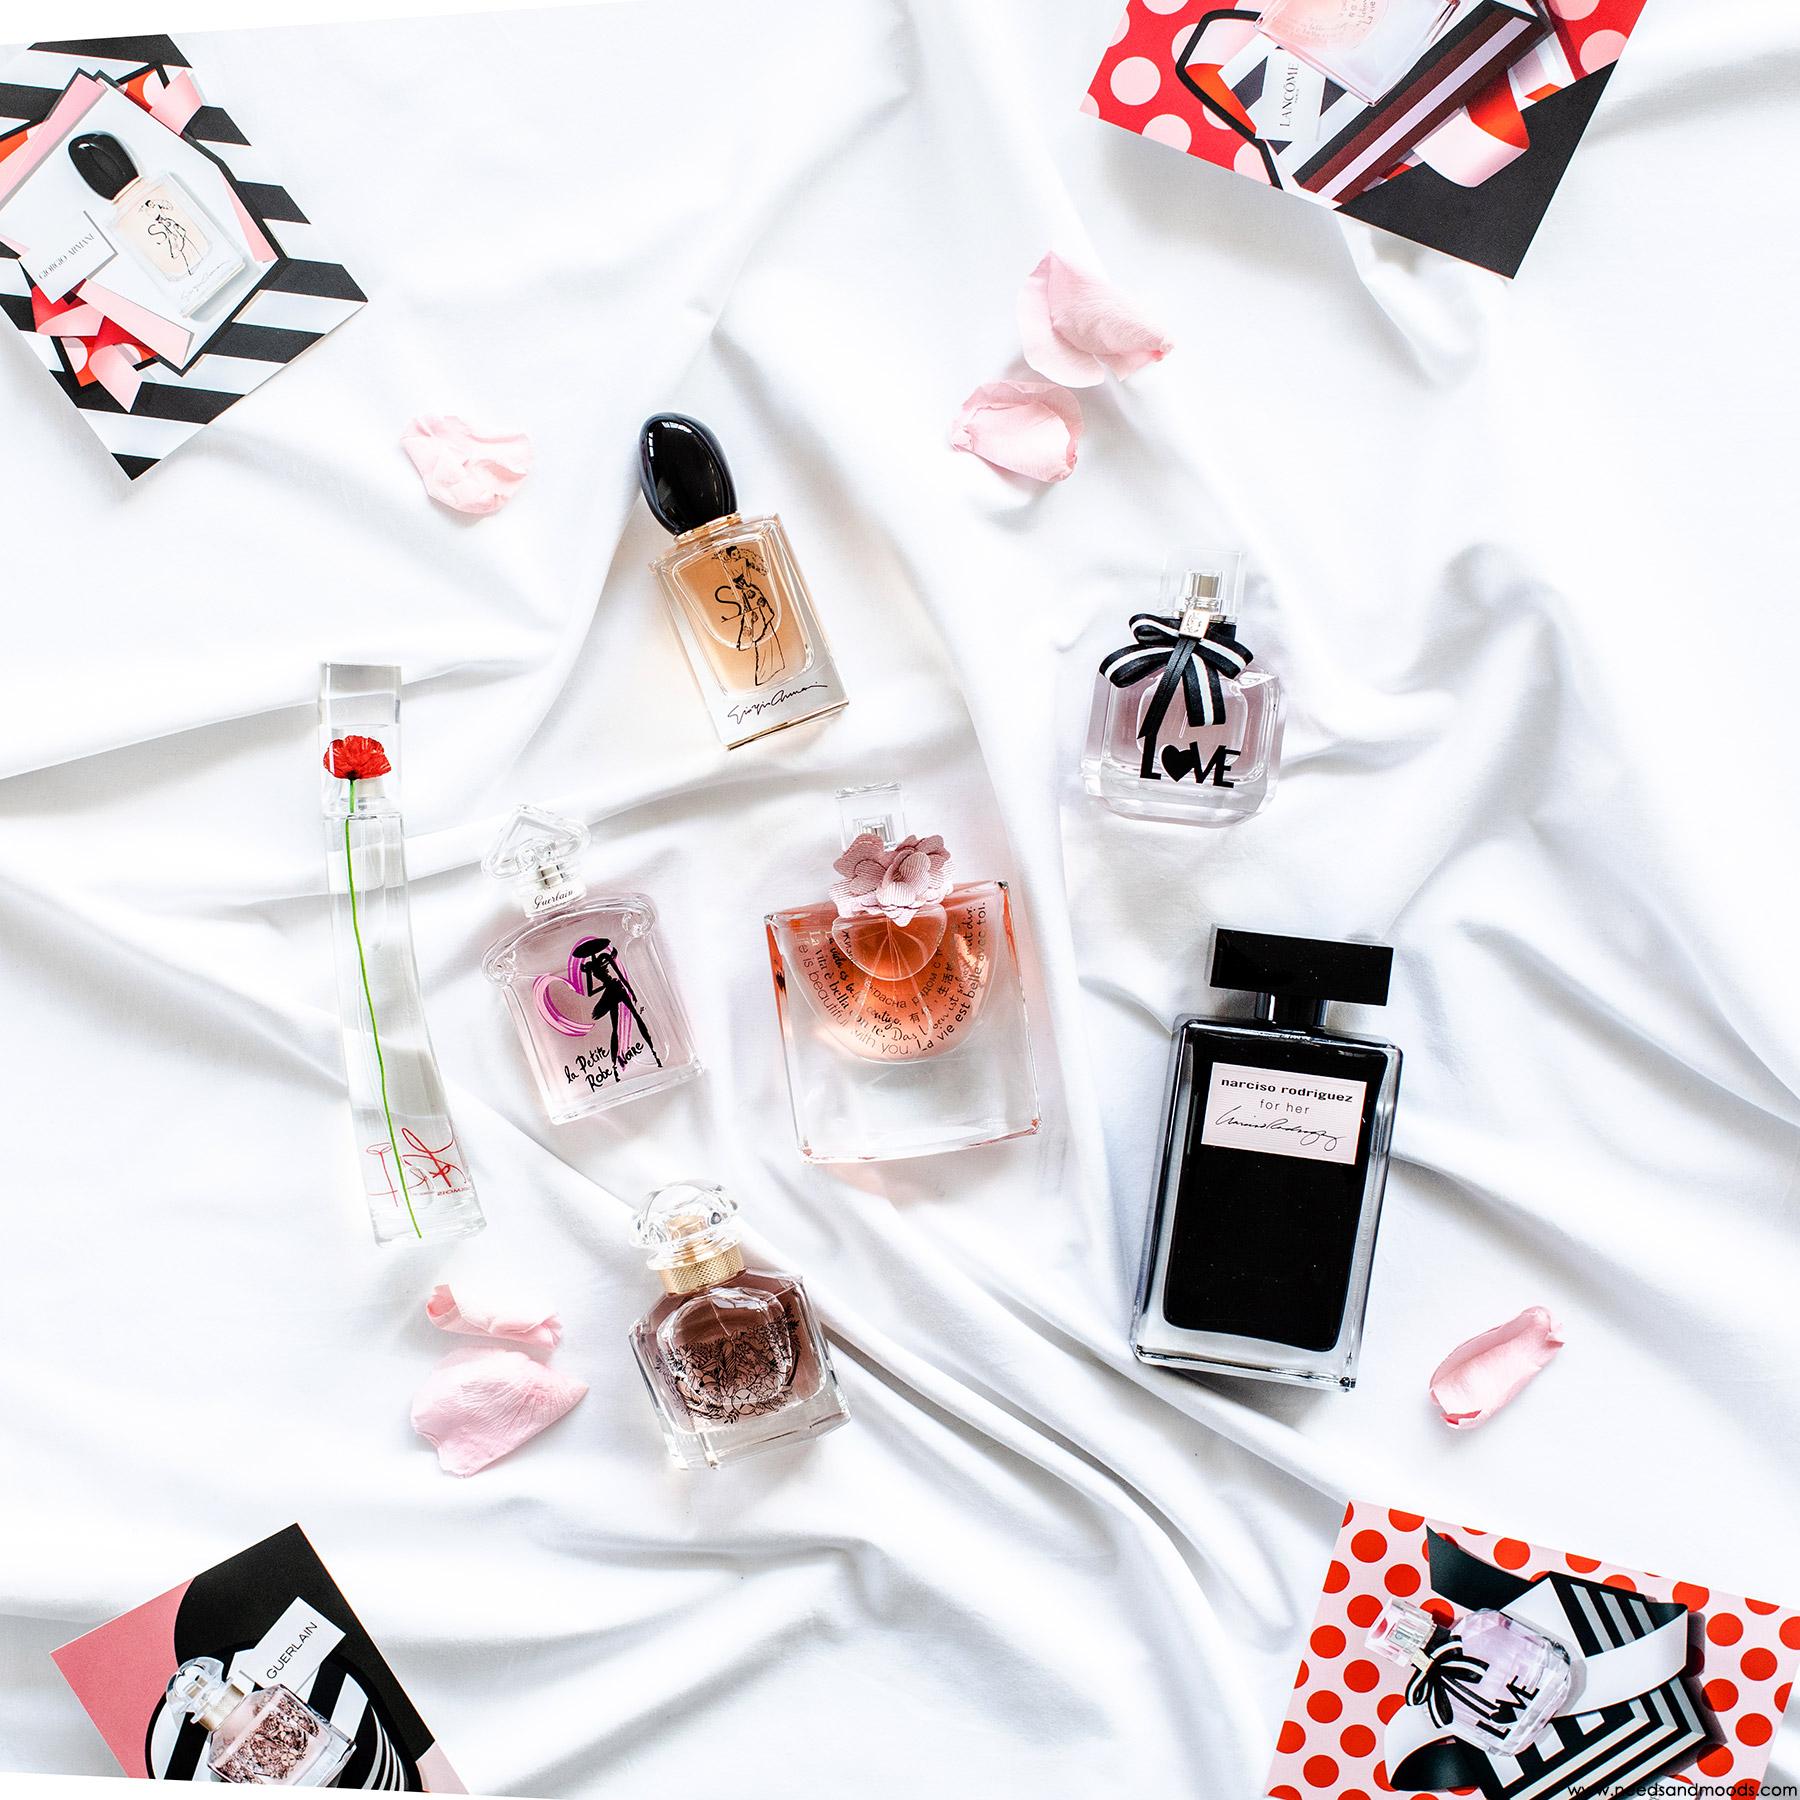 Parfums Des La Mères Sephoraparfumsiconiques7 Pour Fêtes q54R3AjcL